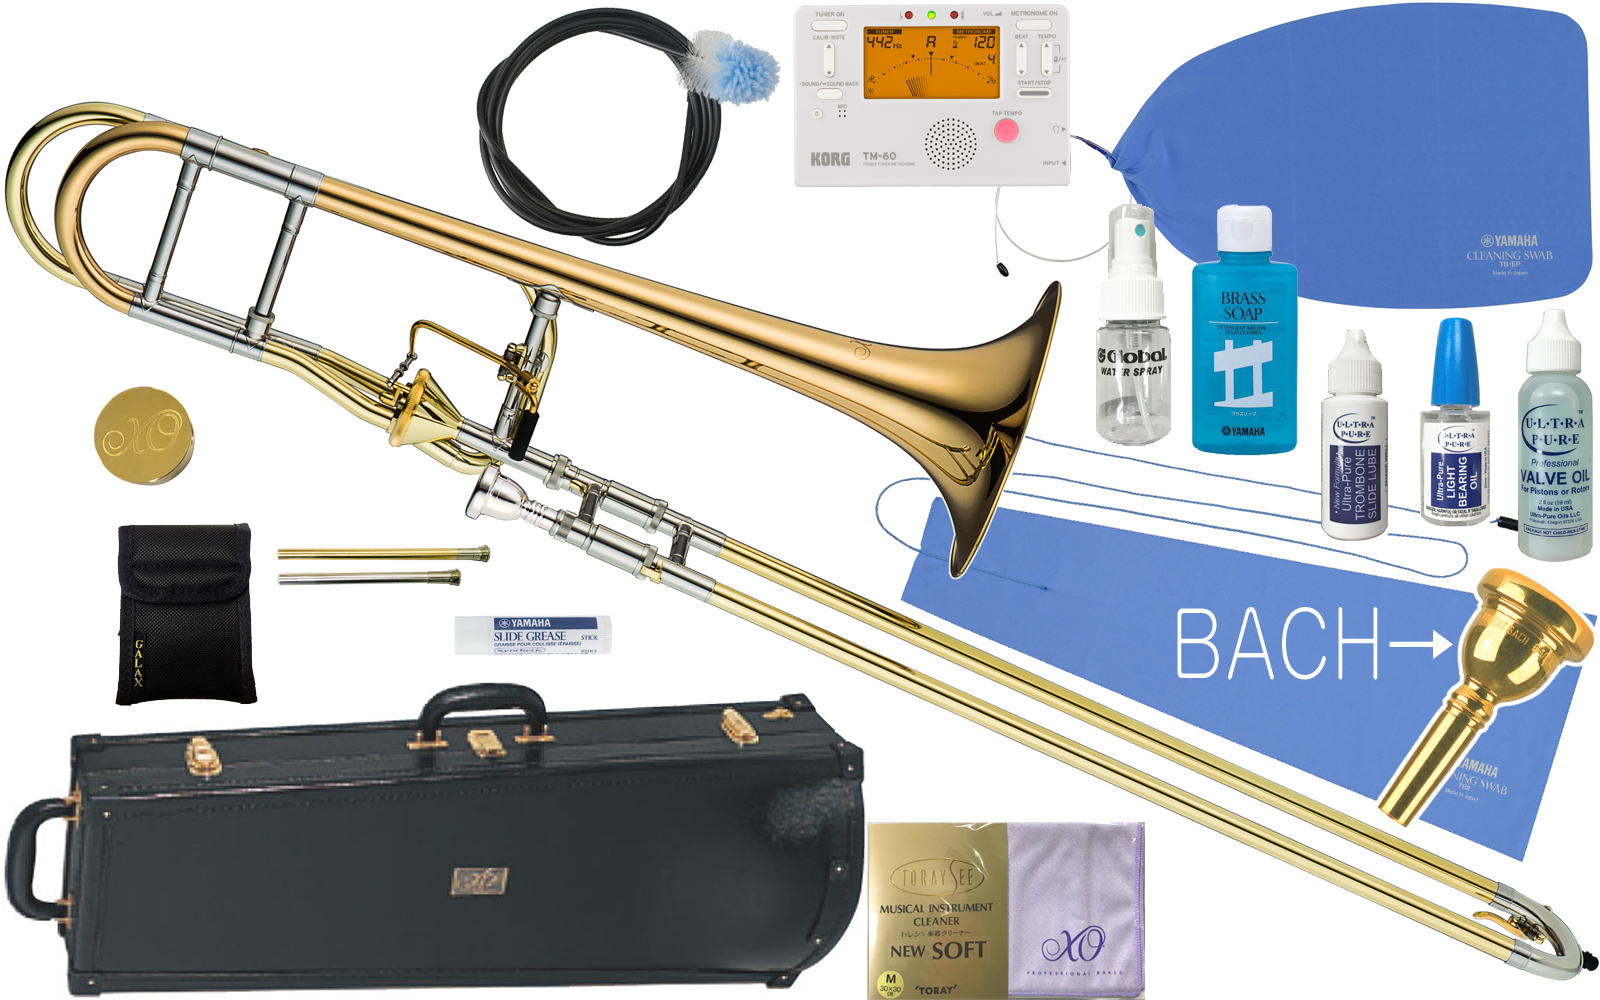 XO ( エックスオー ) 1236RL-T トロンボーン 新品 B♭/F管 テナーバストロンボーン アキシャルフローバルブ ゴールドブラス 太管 Tenor Bass Trombones BT-GB セットA 送料無料